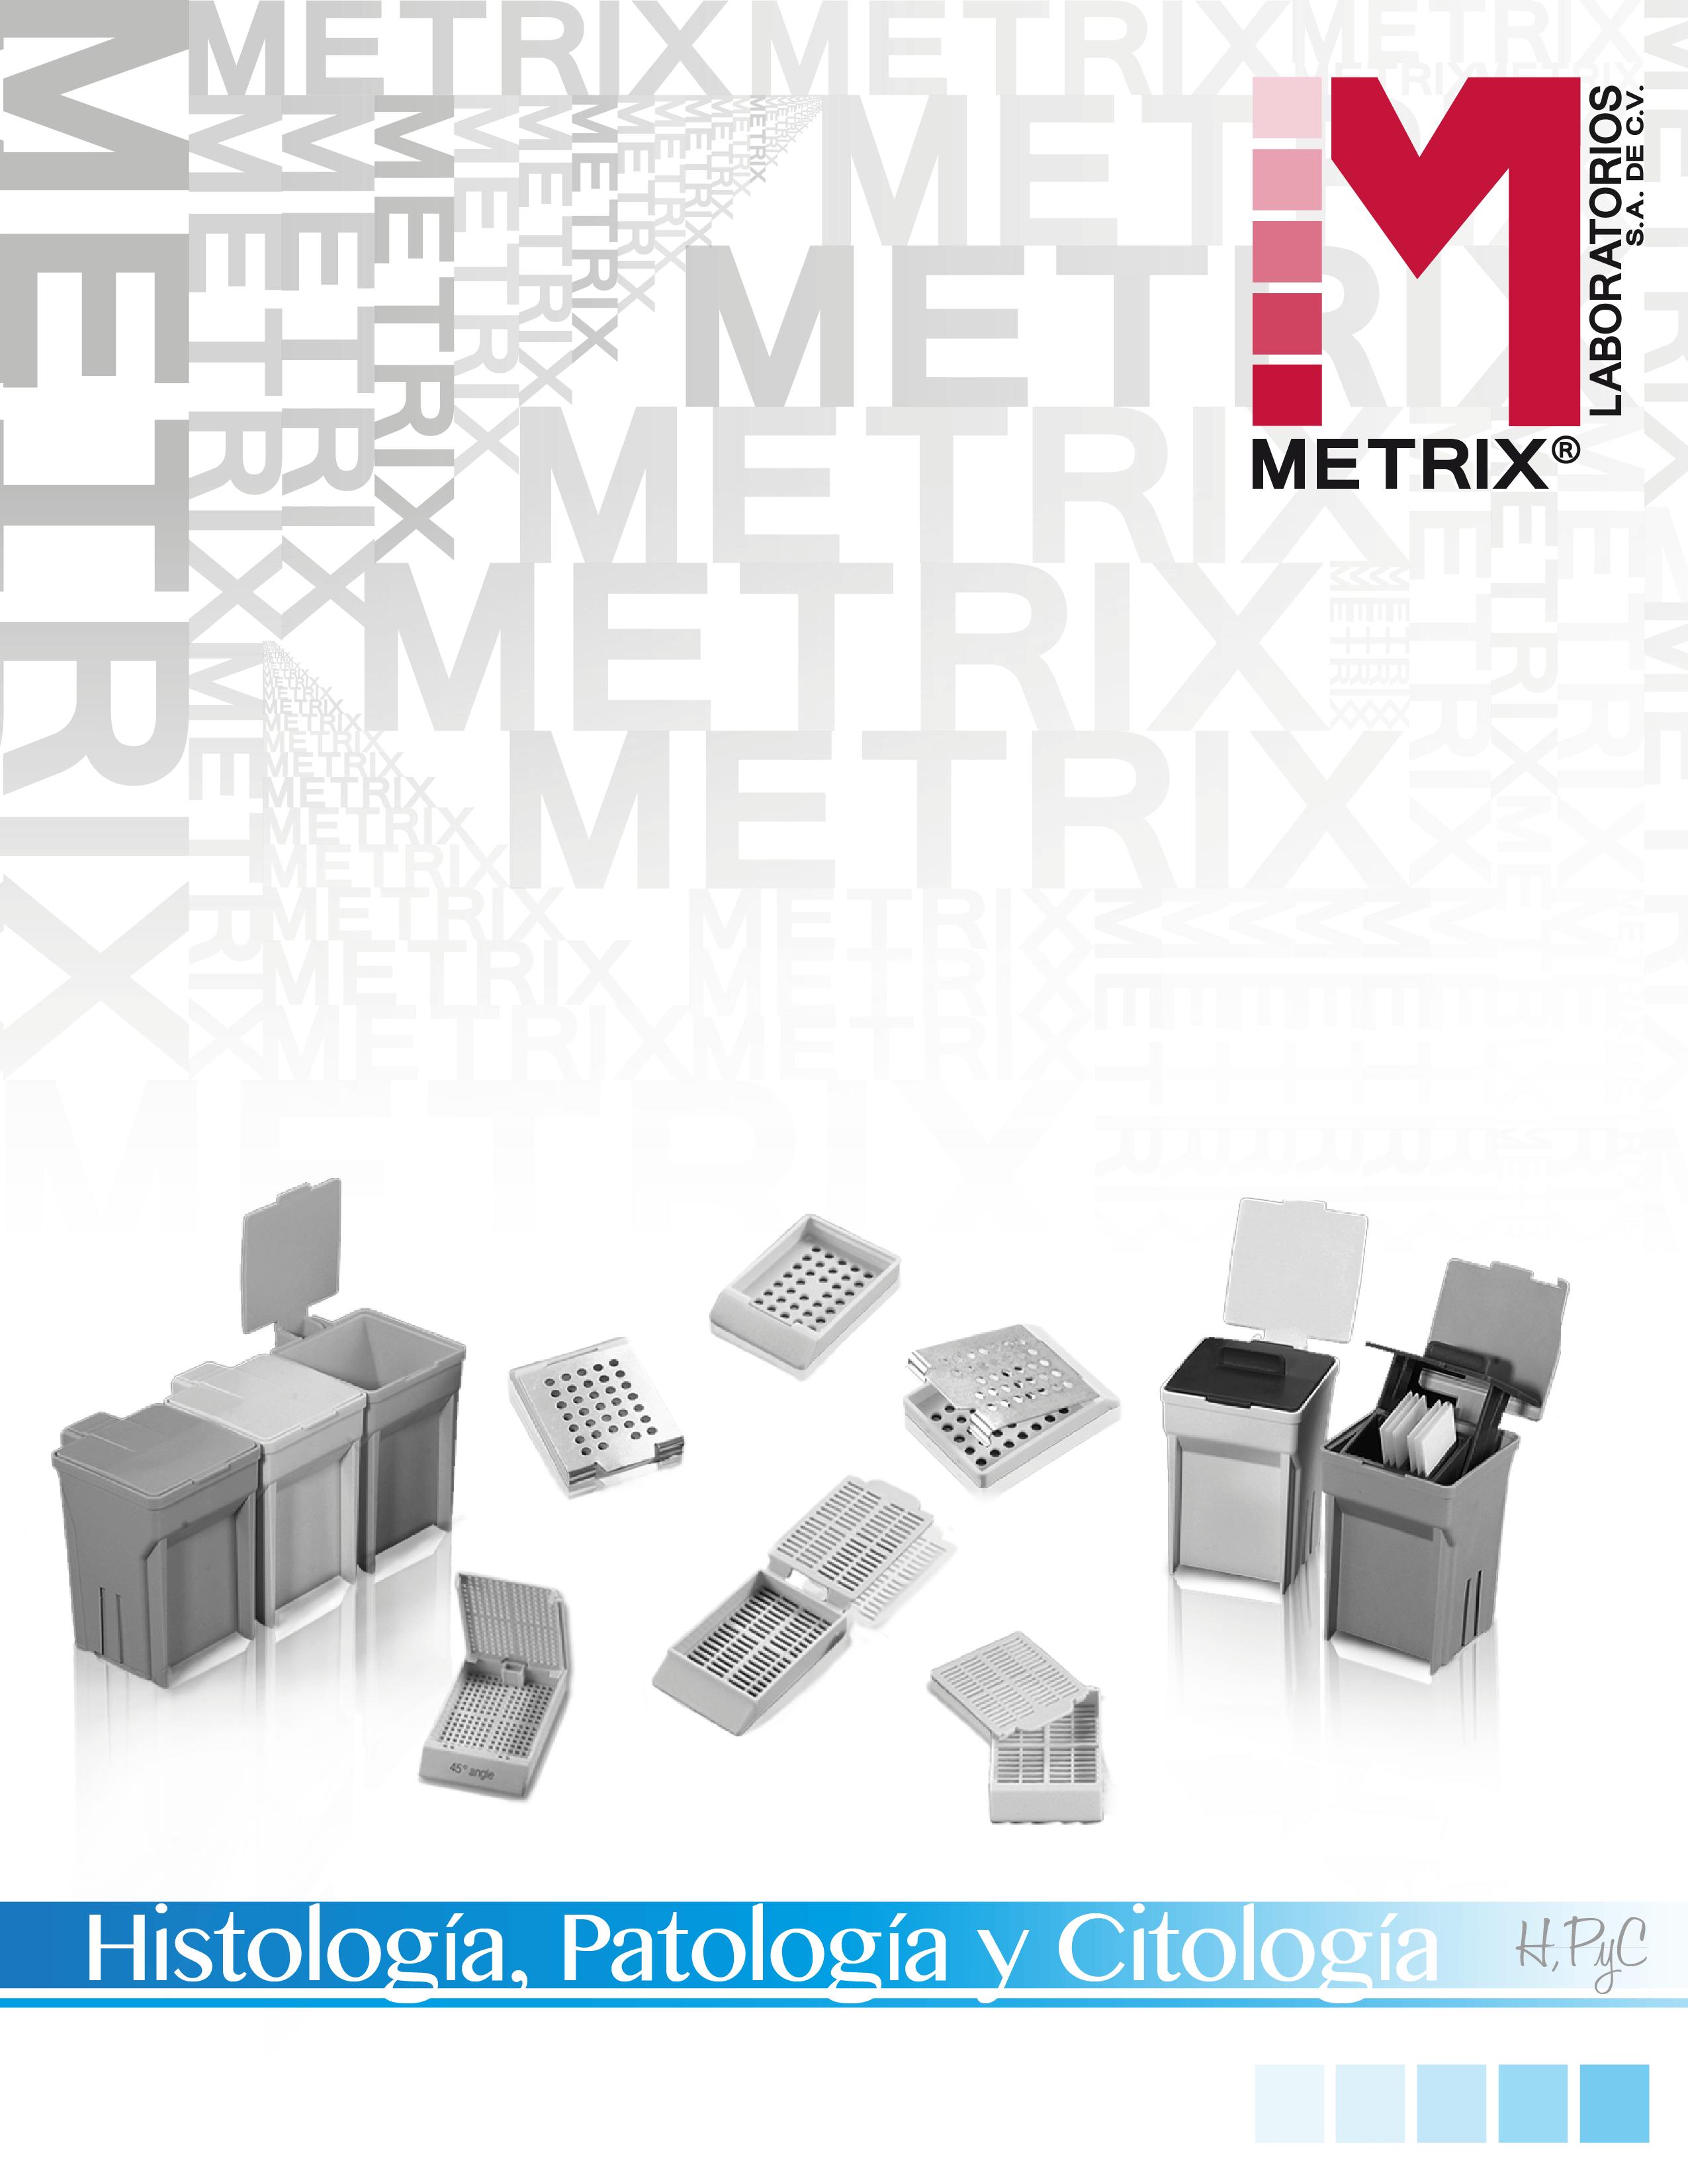 e54c96f1b Material y Equipo de Laboratorio solo en Metrix Laboratorios